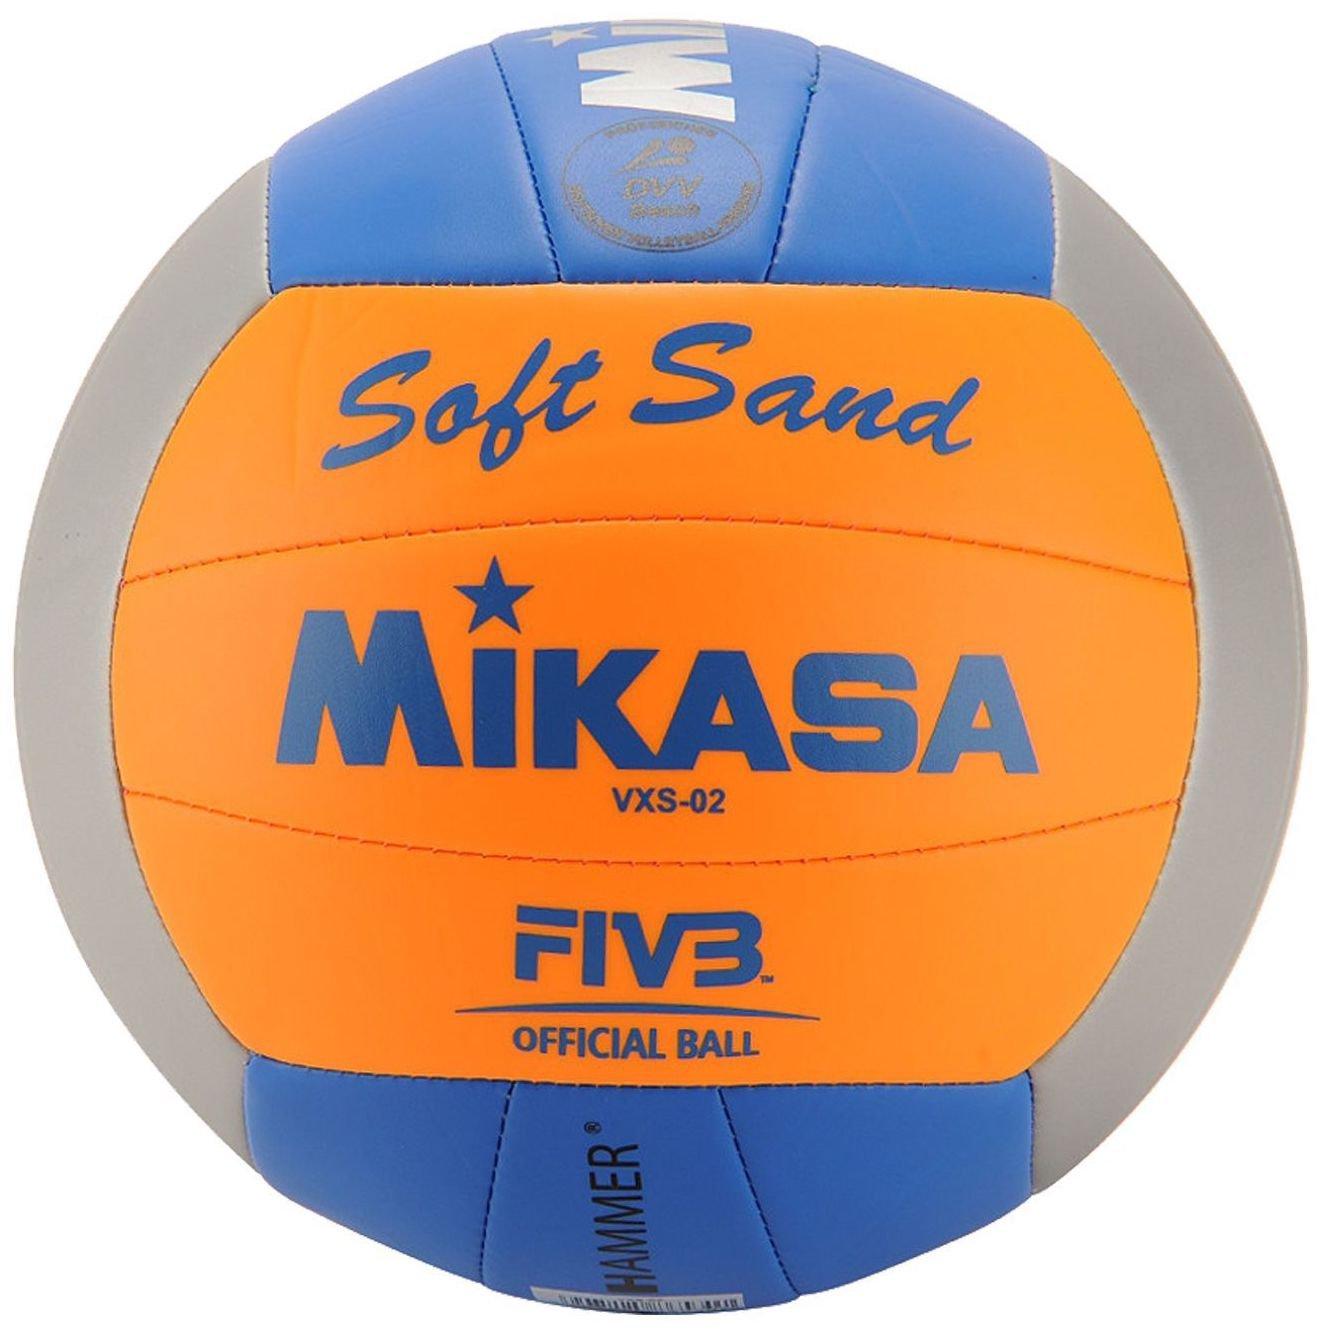 MIKASA SOFT SAND 5